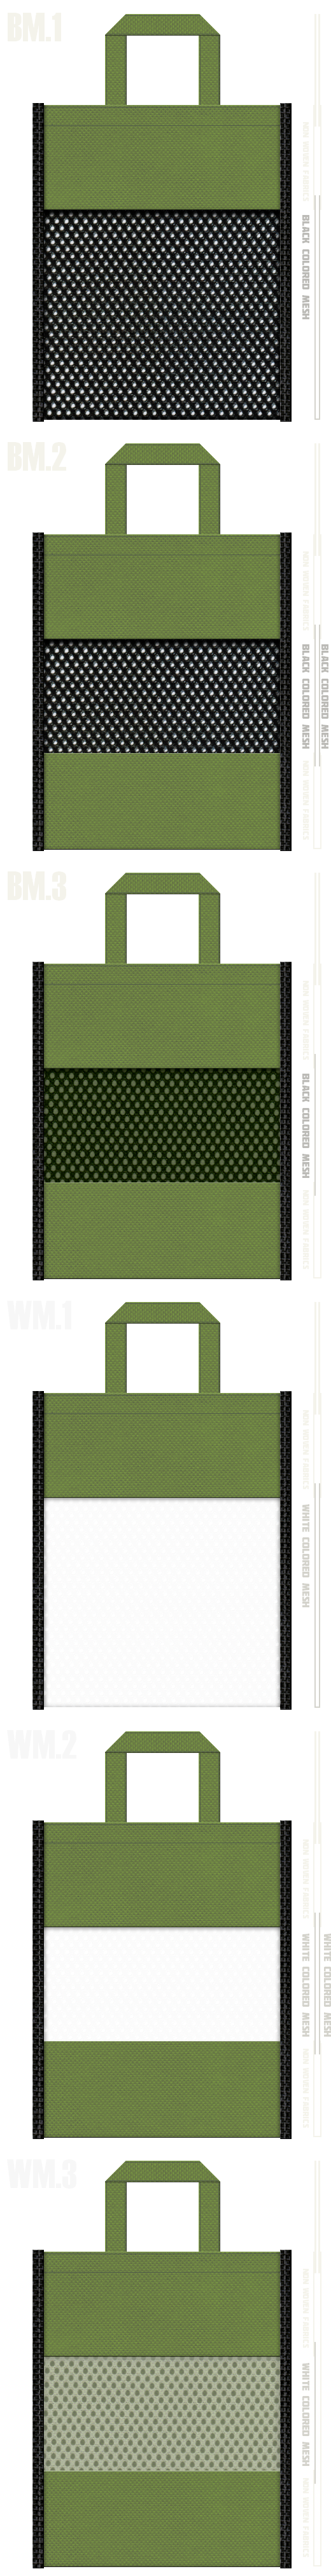 フラットタイプのメッシュバッグのカラーシミュレーション:黒色・白色メッシュと草色不織布の組み合わせ